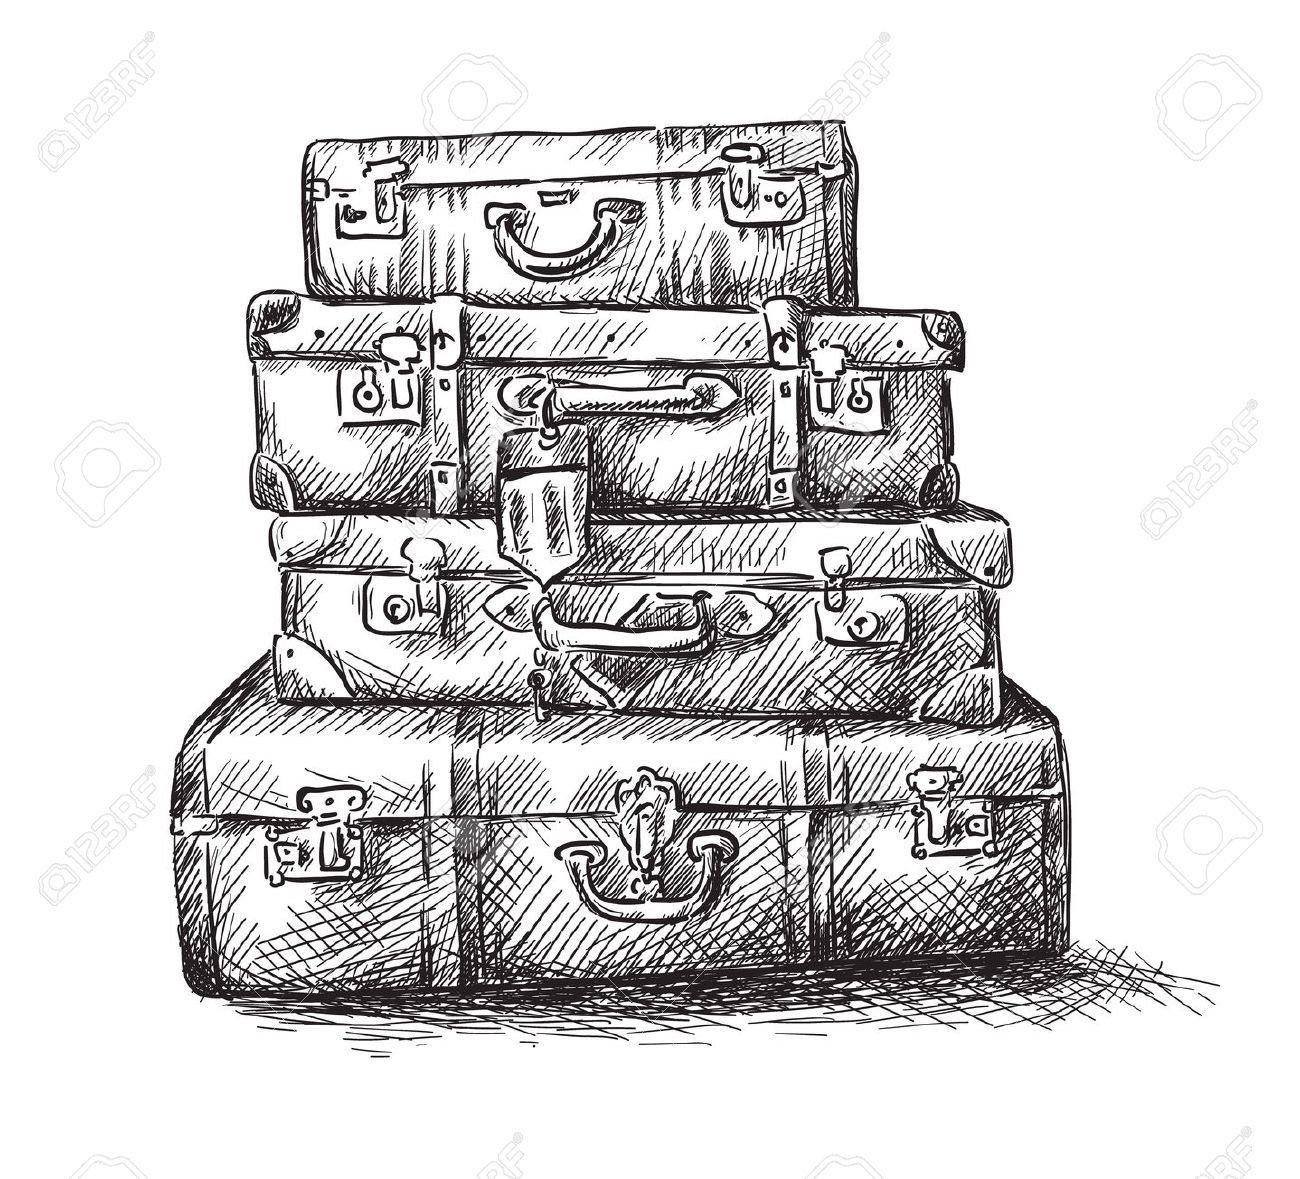 Afficher l 39 image d 39 origine image que j 39 aime pinterest - Dessin de valise ...